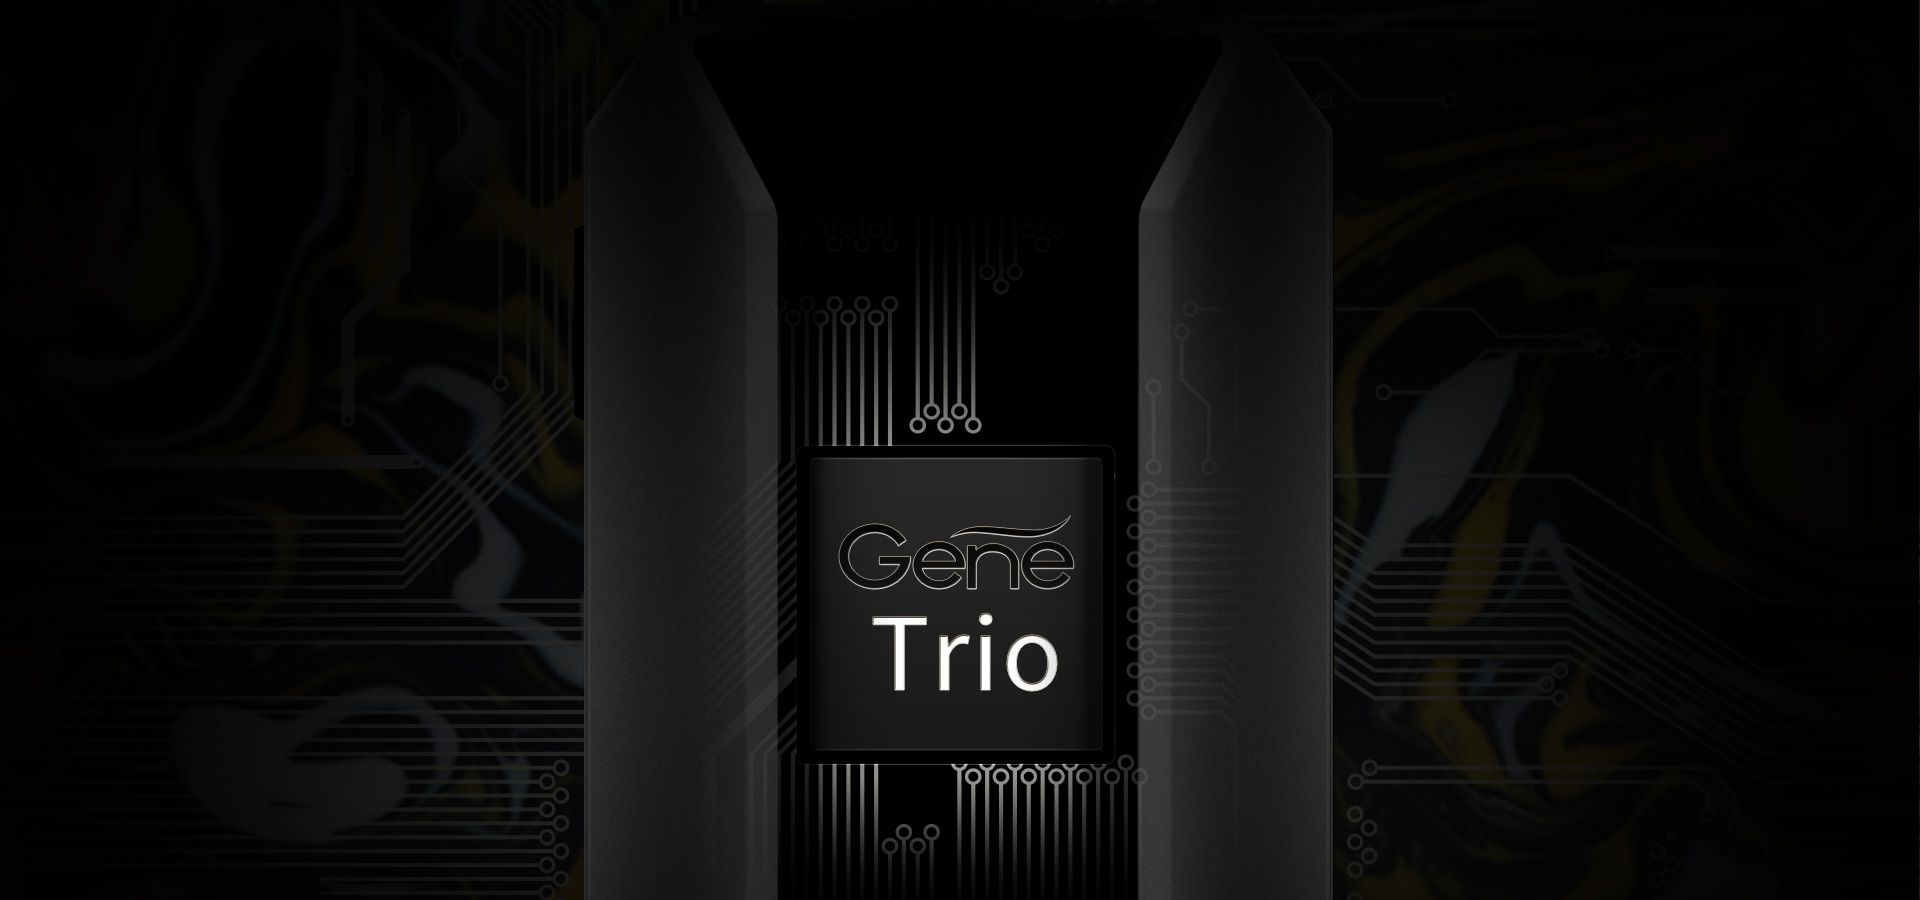 Genee trio